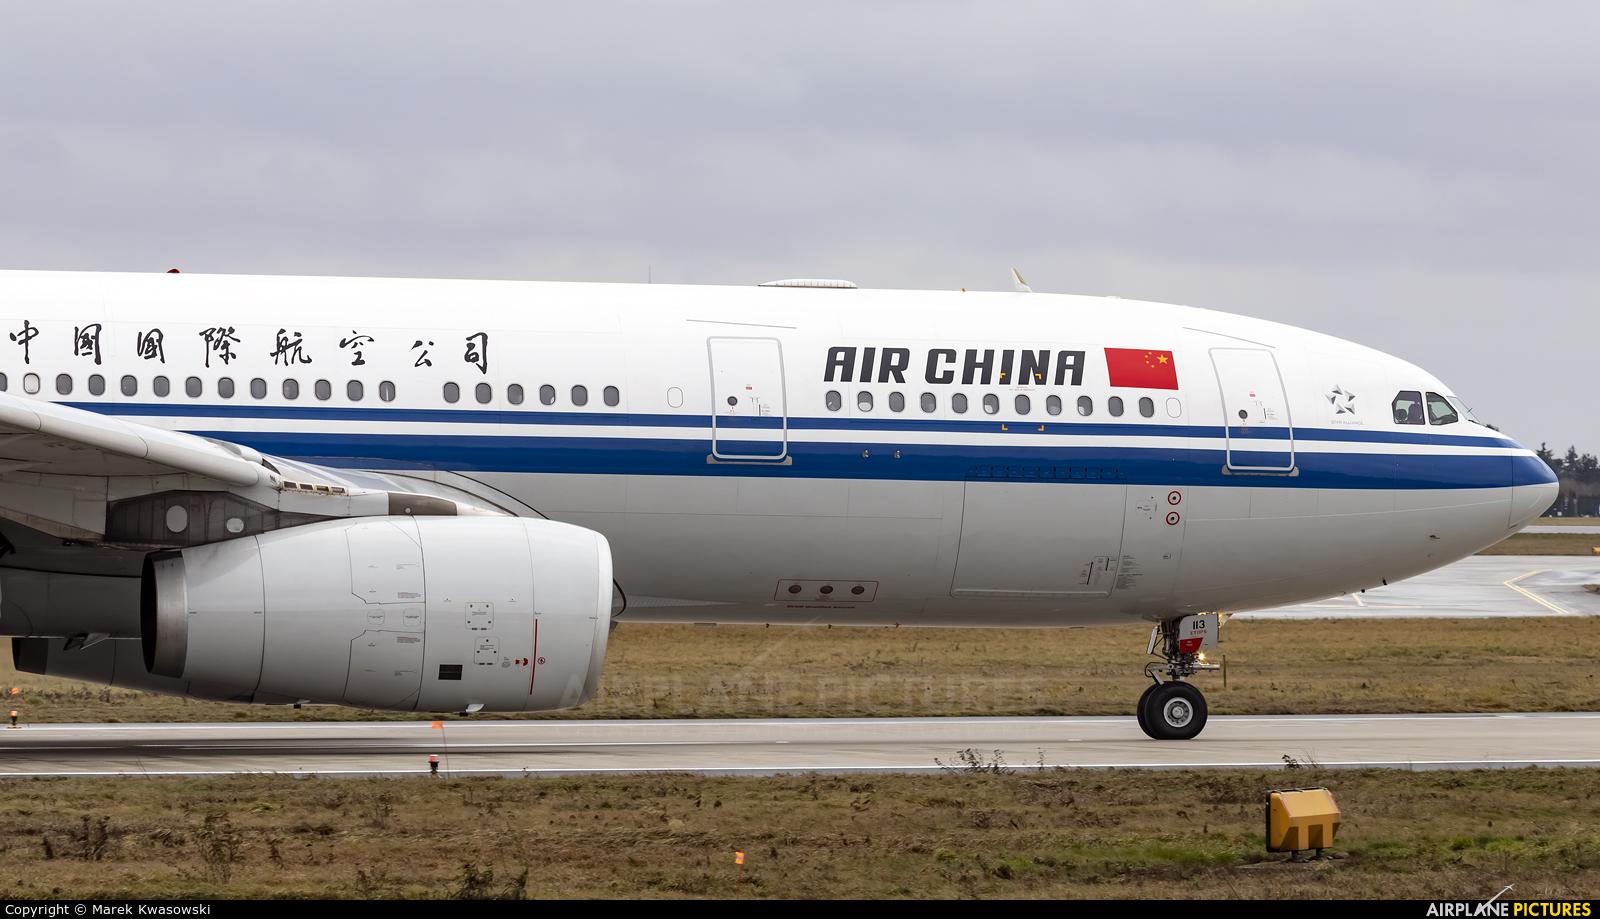 Air China B-6113 aircraft at Warsaw - Frederic Chopin